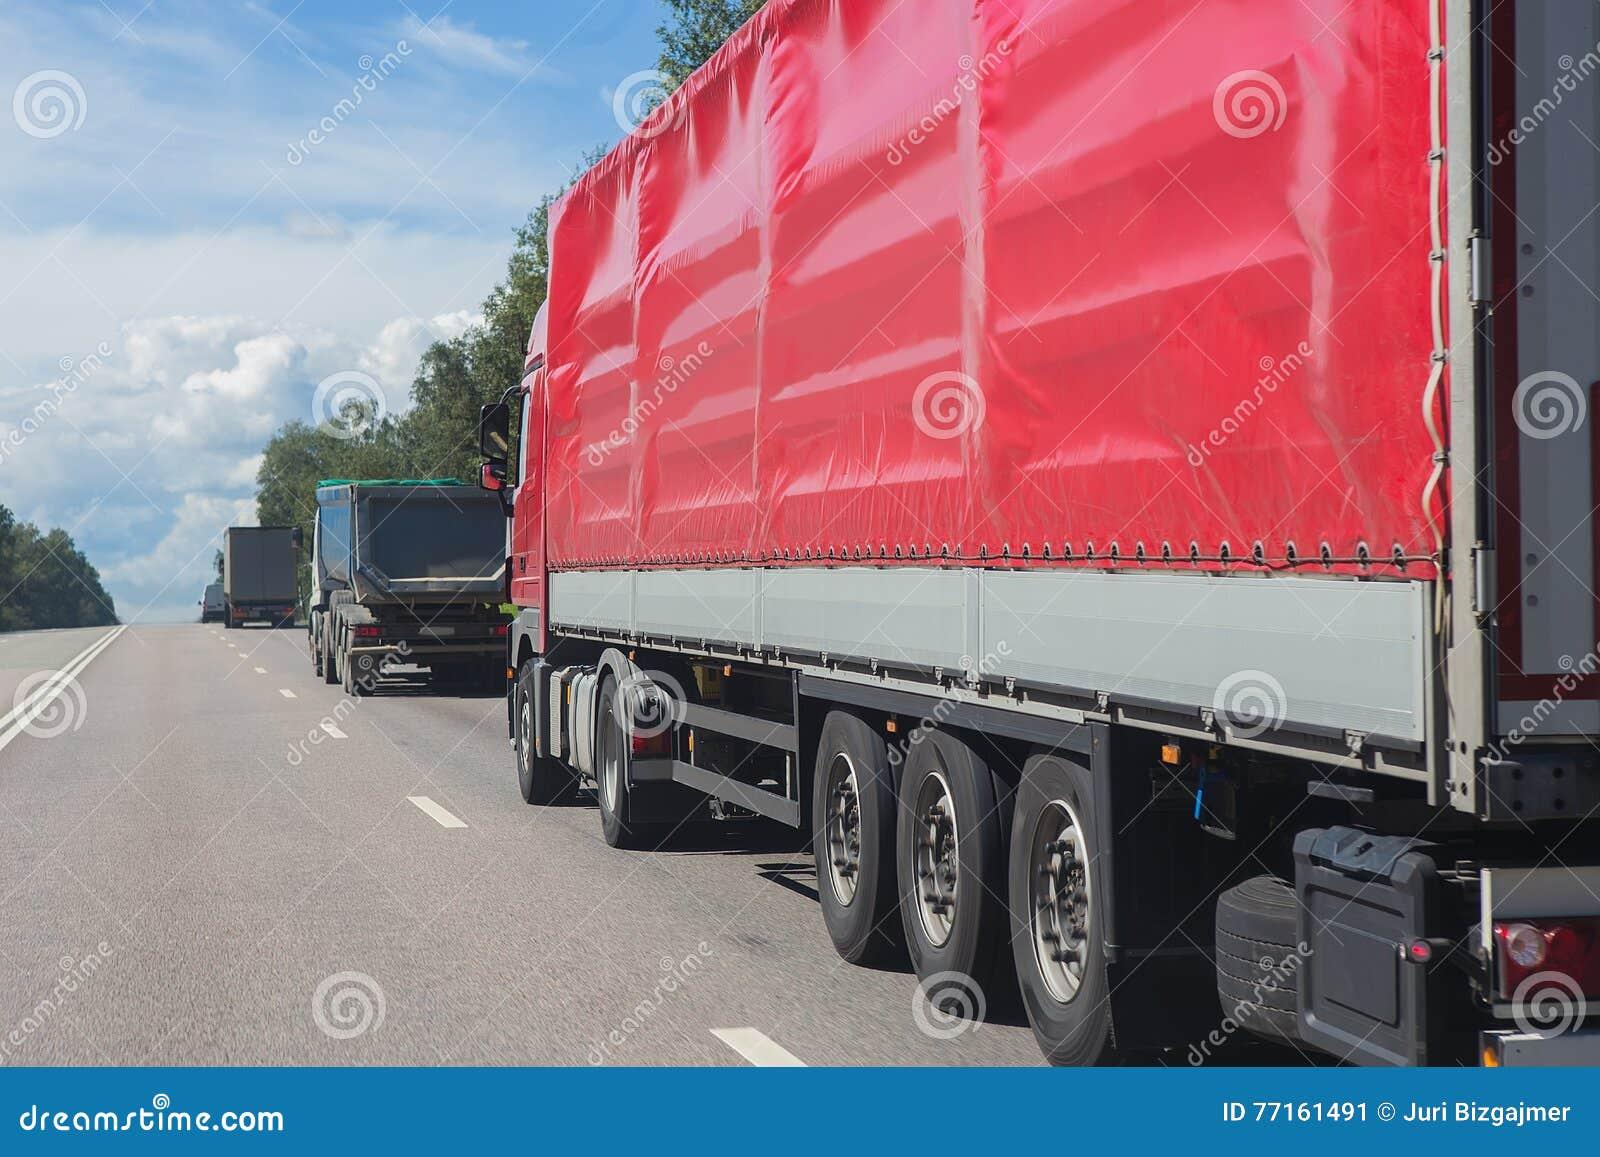 Mouvement de camions dessus sur la route